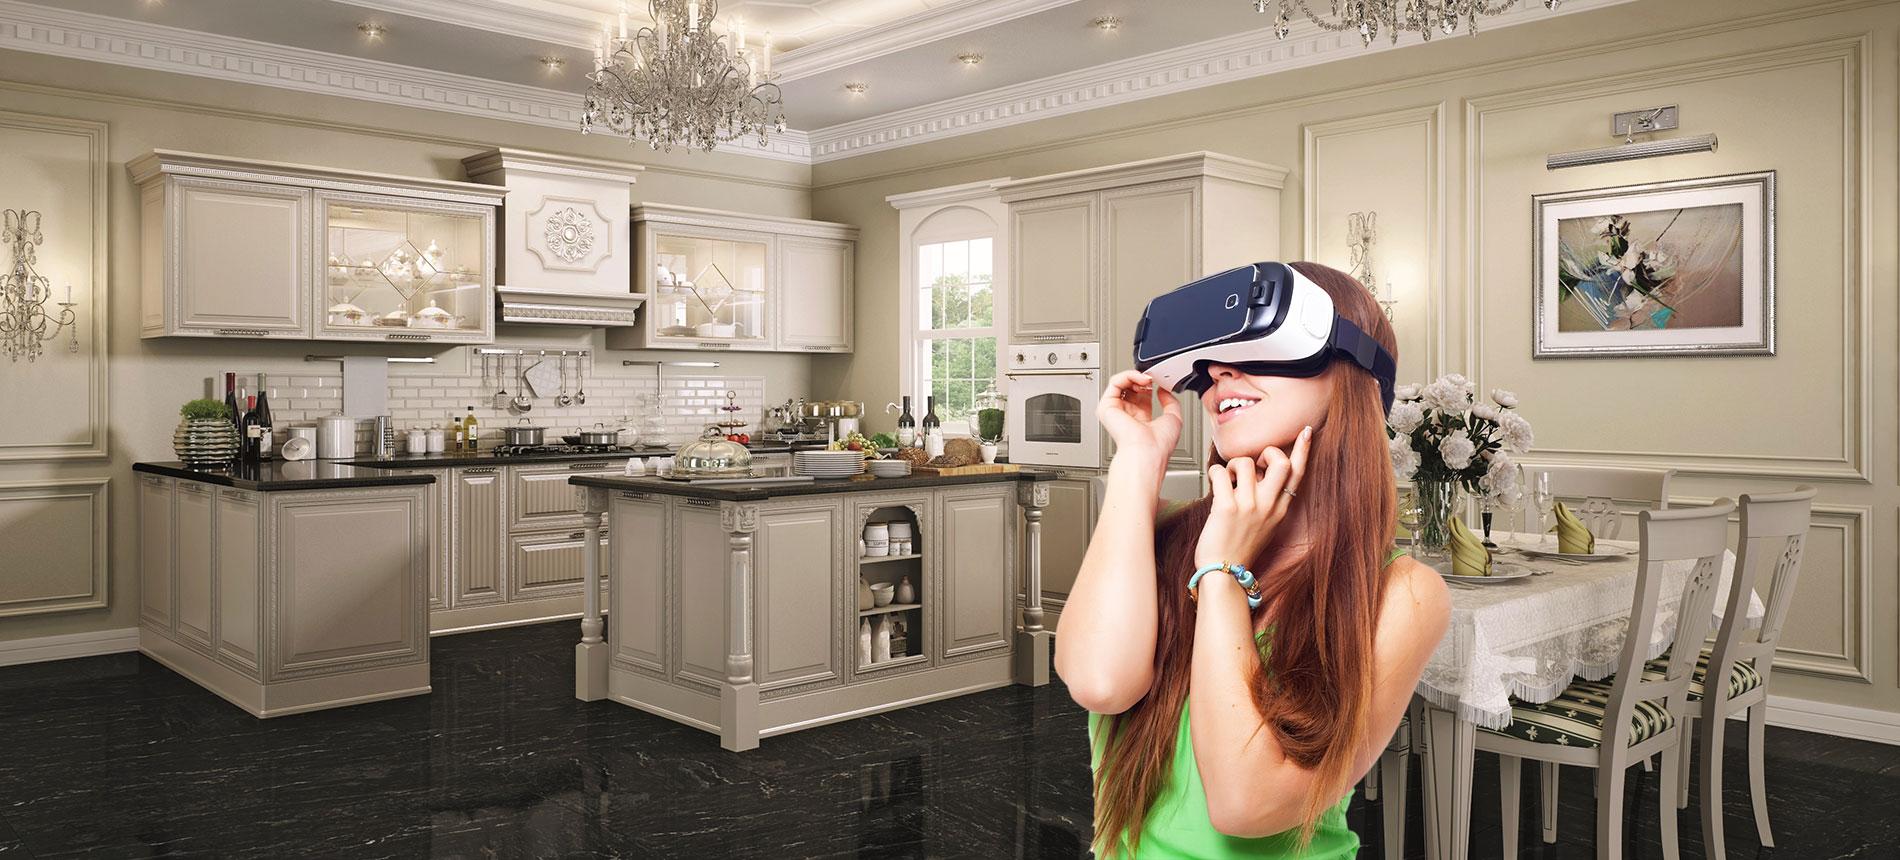 Девушка в vr-очках на кухне Про-Мобили